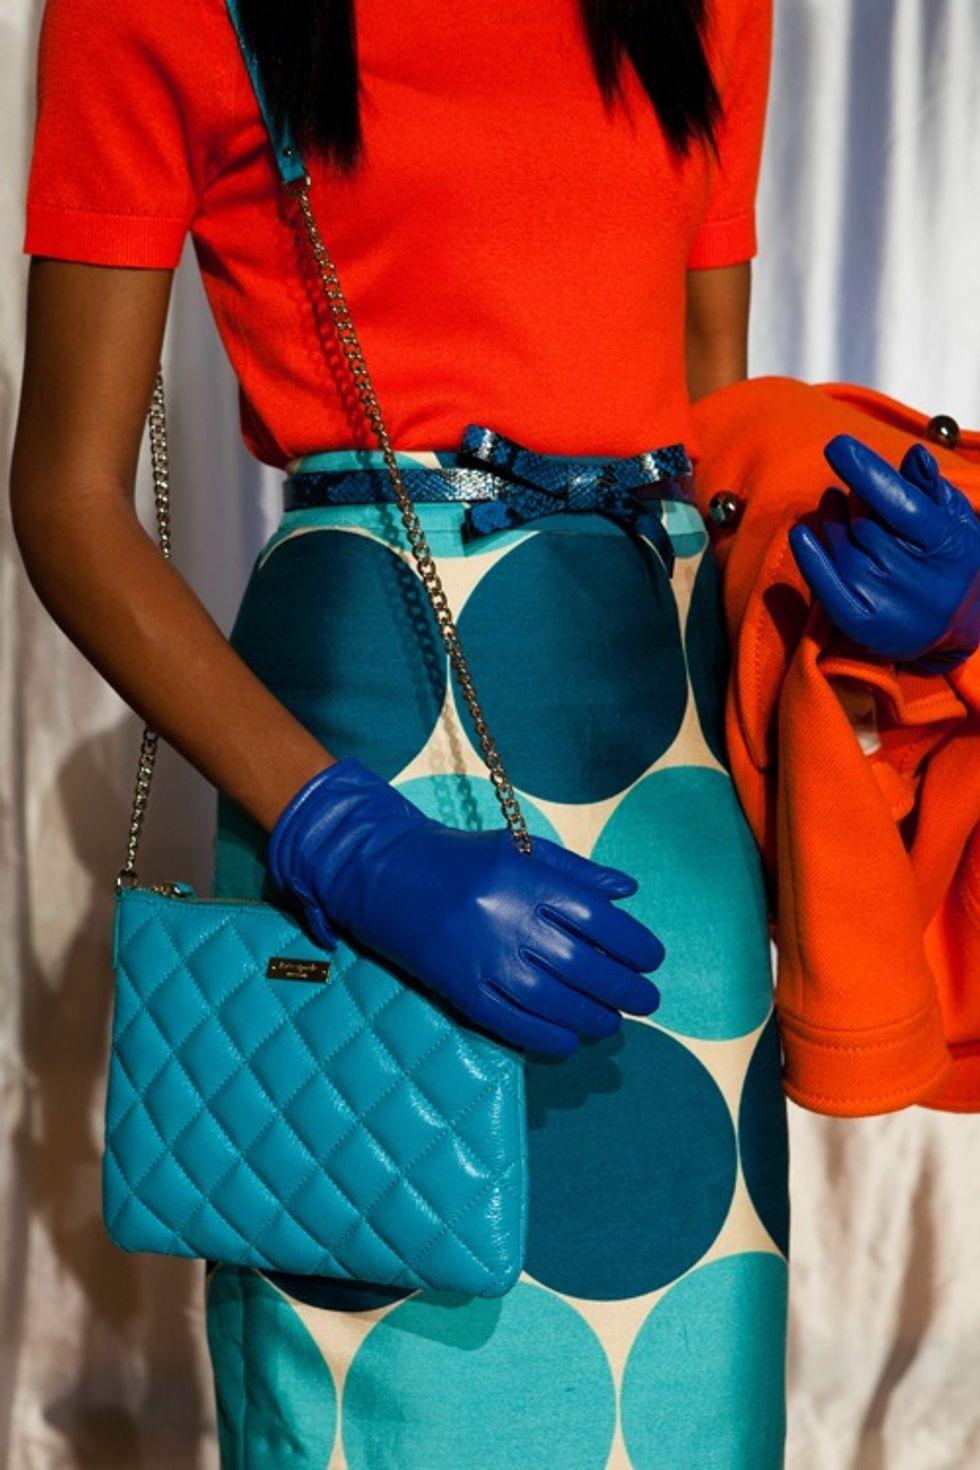 New York Fashion Week F/W '12 In Photos